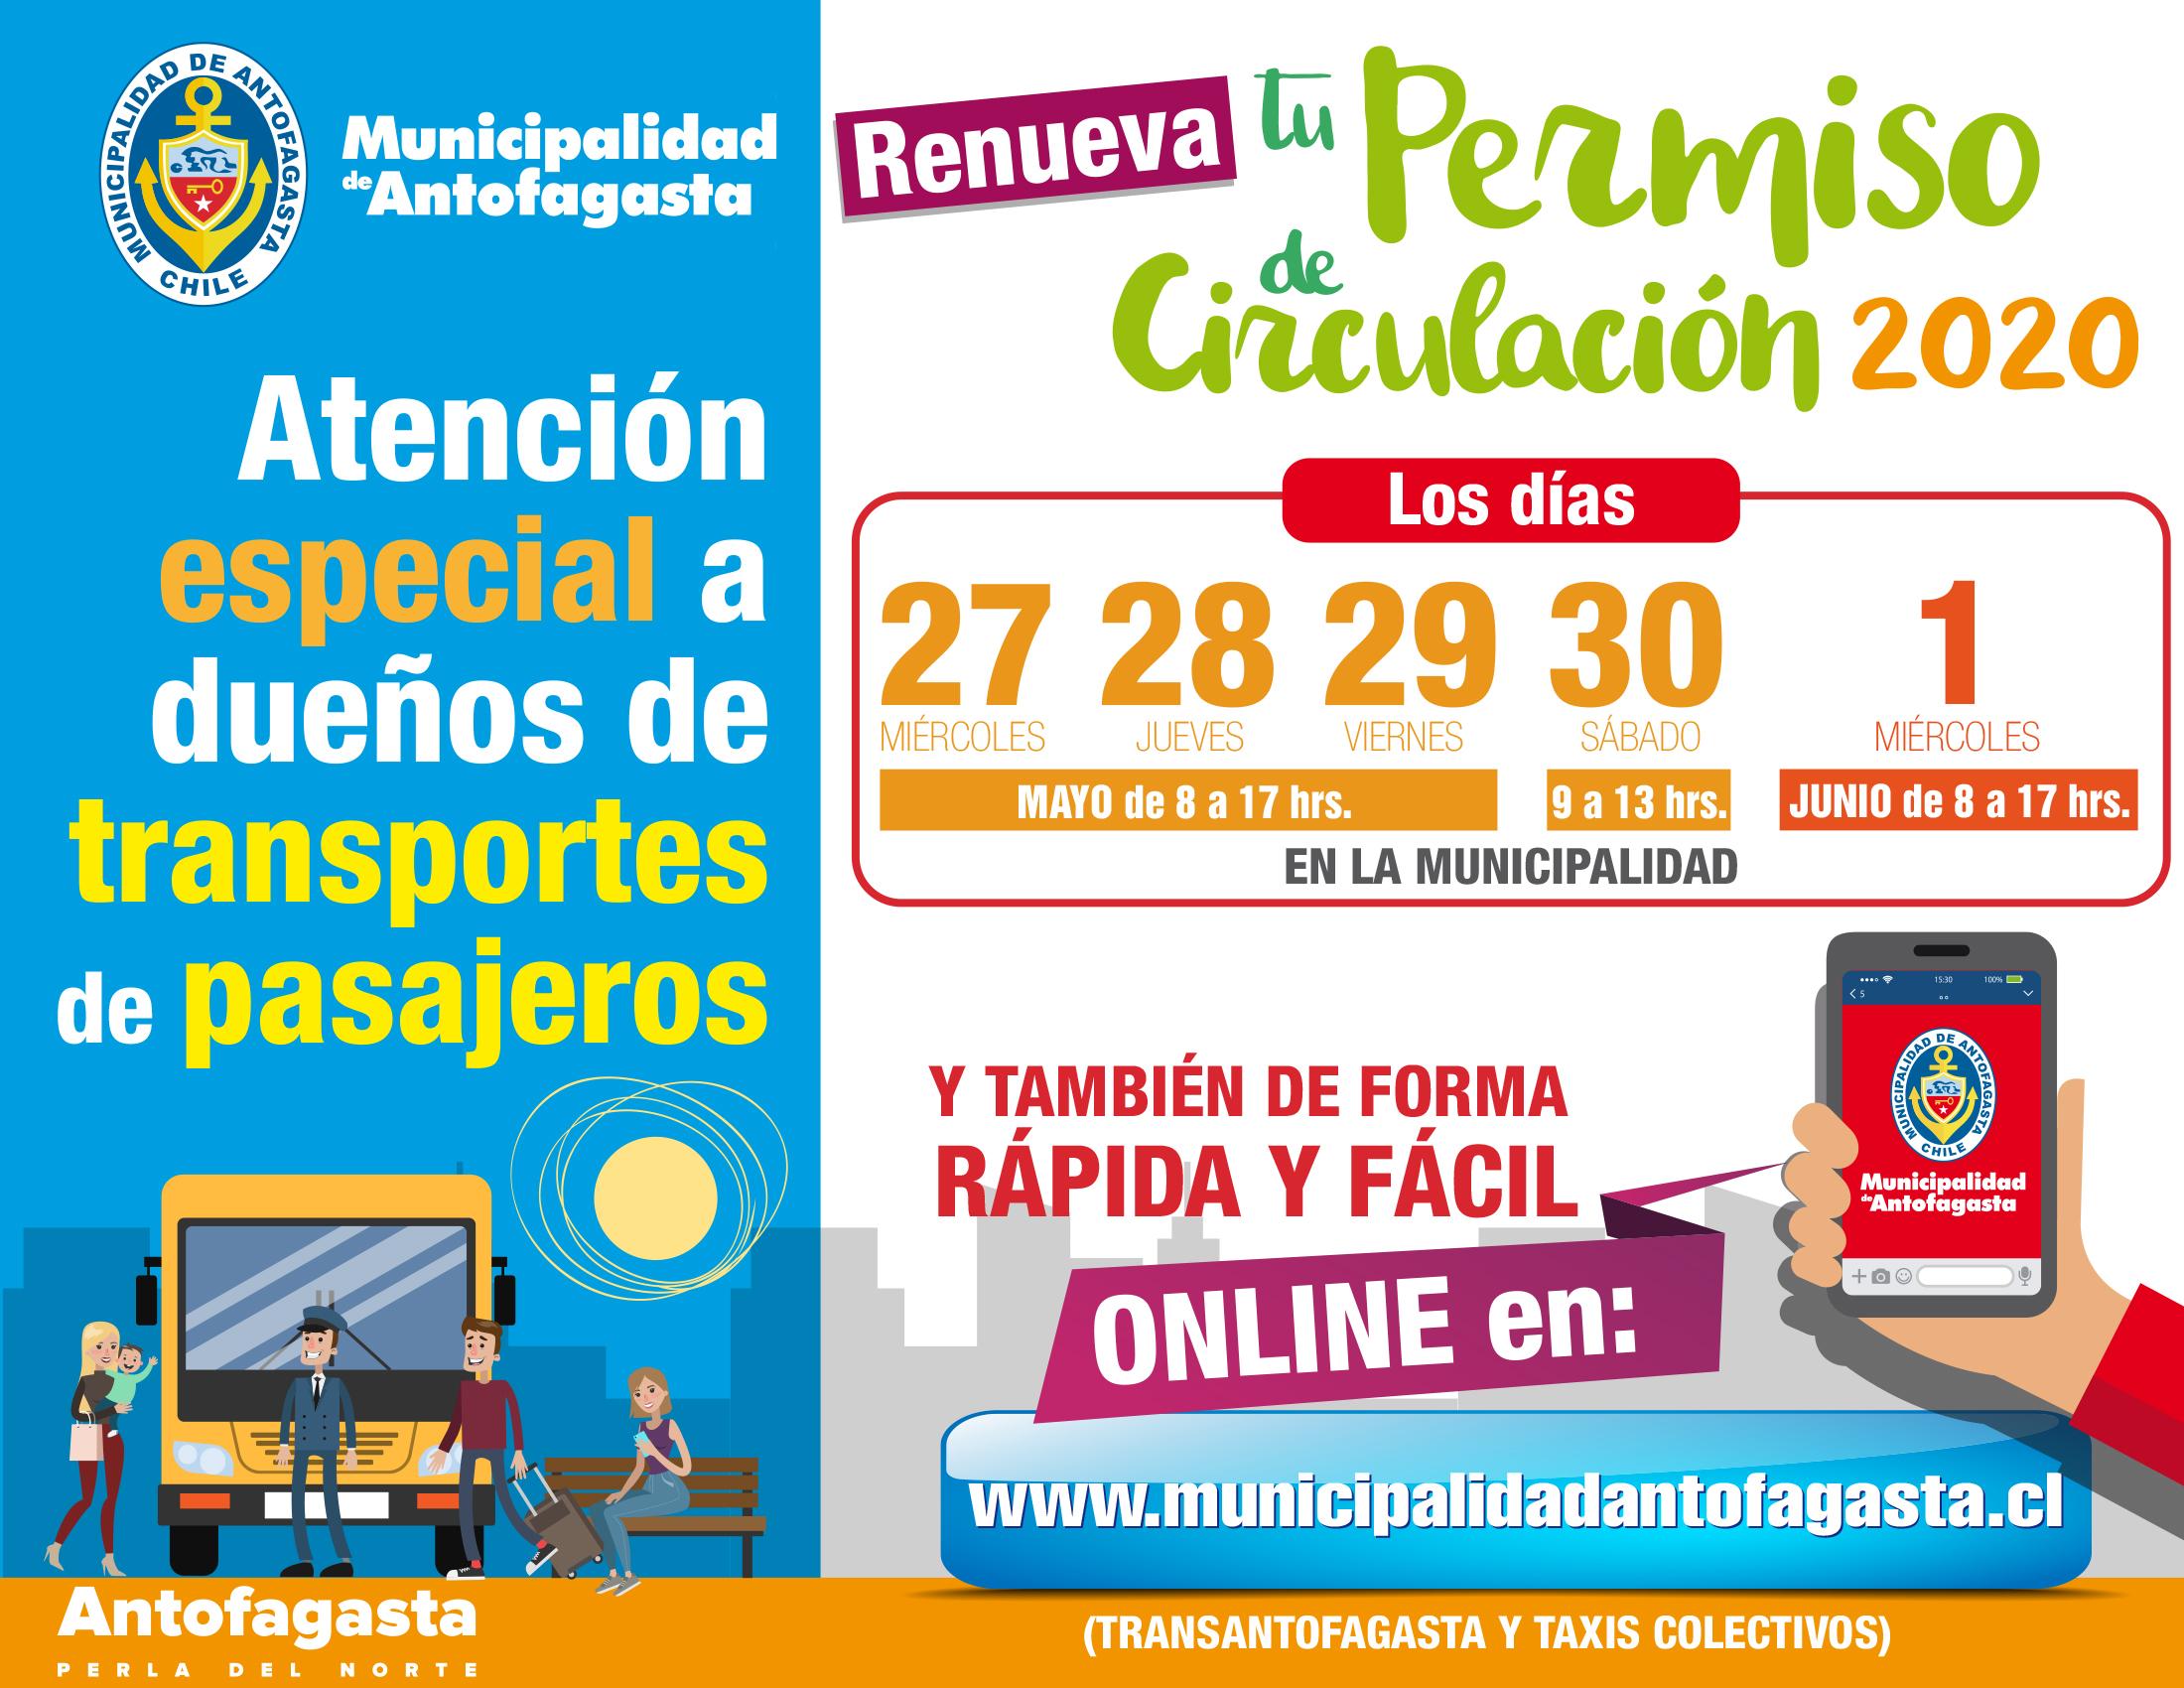 VENCE PLAZO PARA RENOVAR PERMISO DE CIRCULACION PARA TRANPORTES DE PASAJEROS